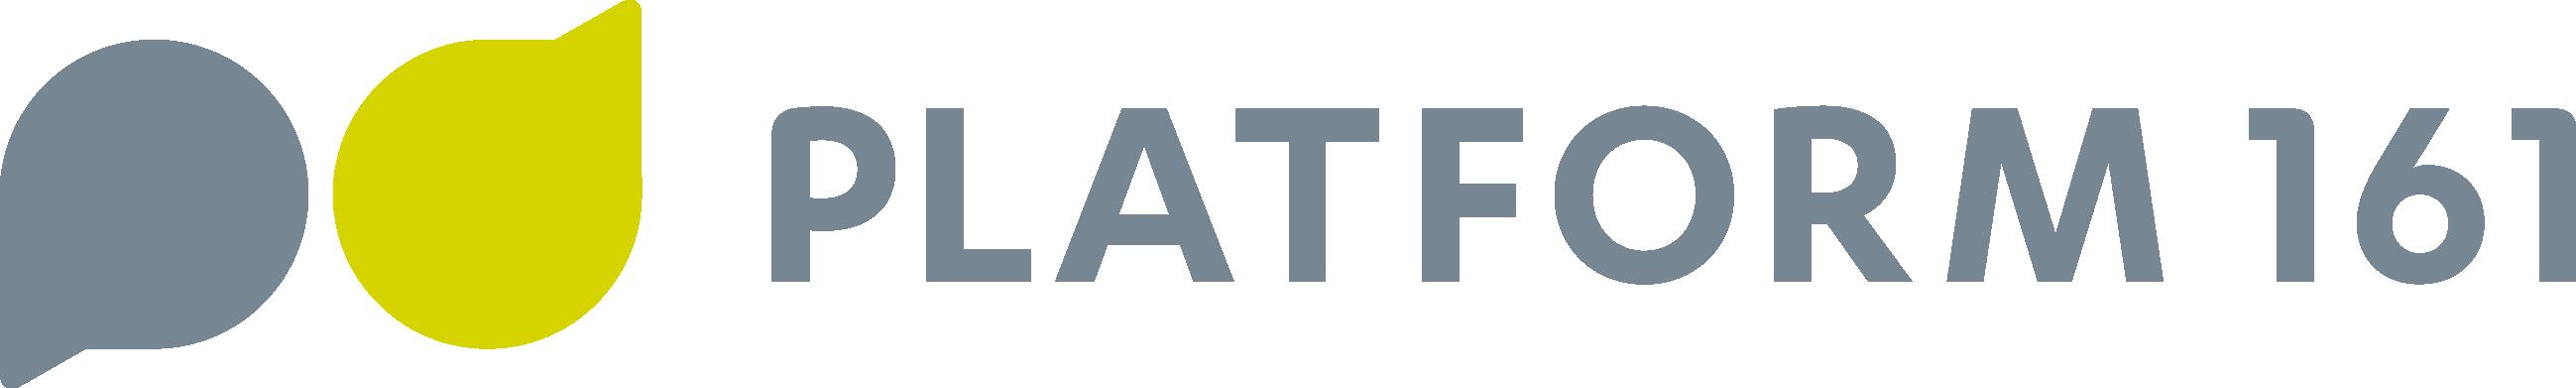 Platform 161